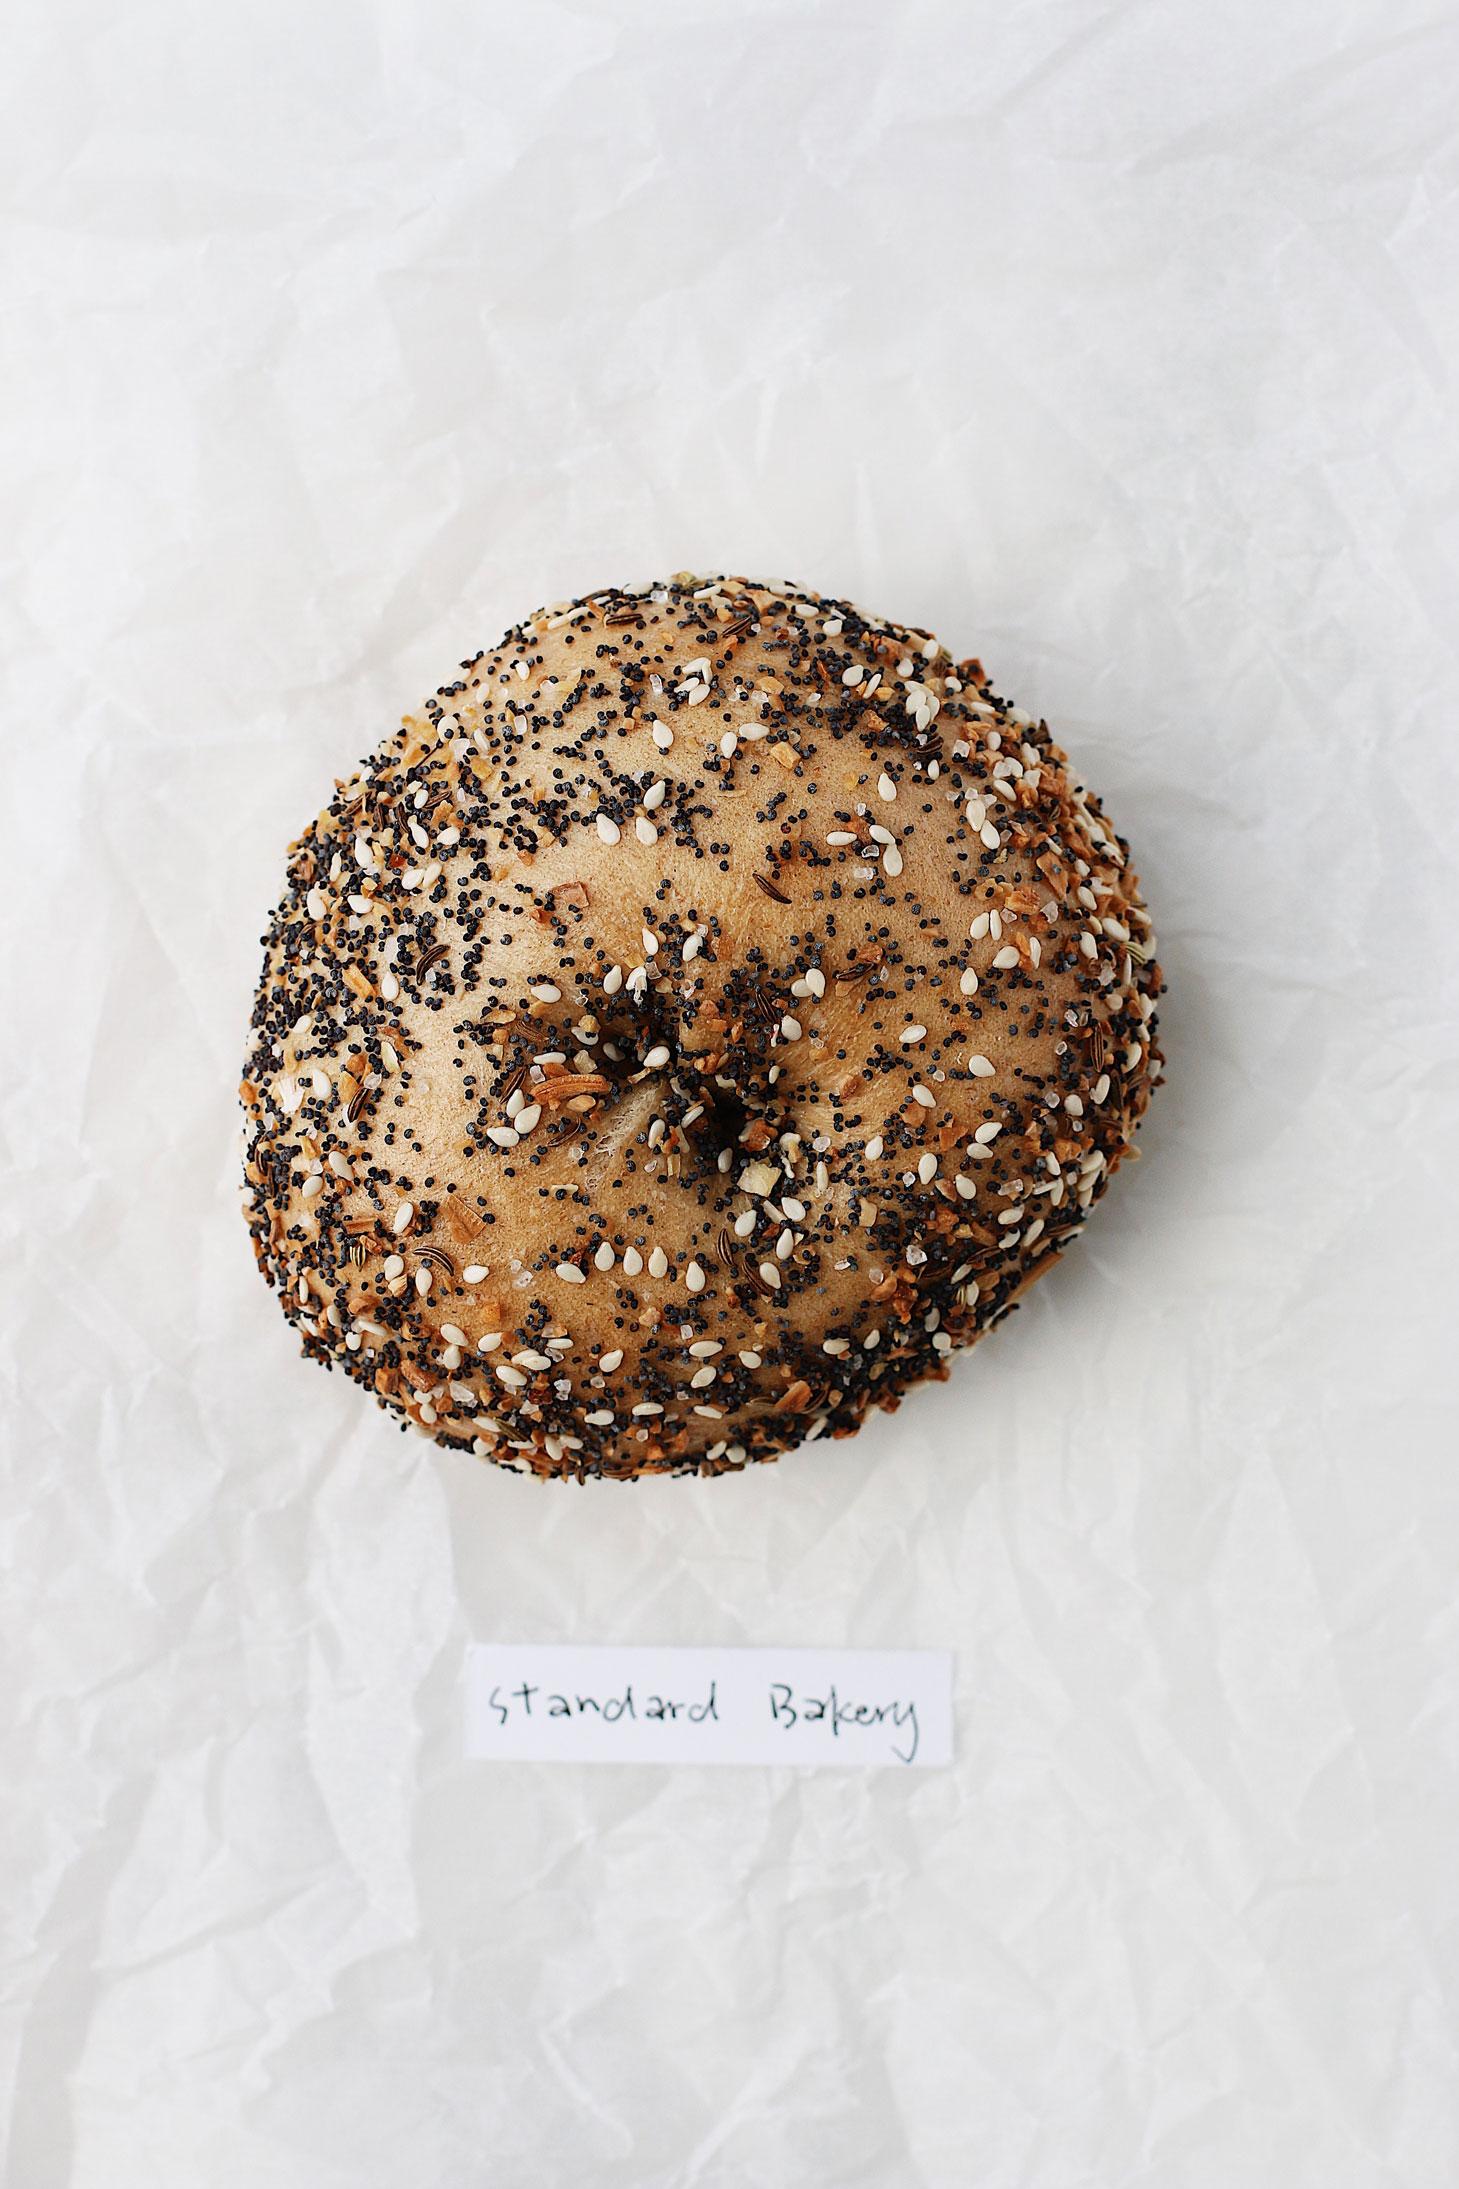 best-bagel-in-seattle-great-bagel-off-standard-bakery-everything